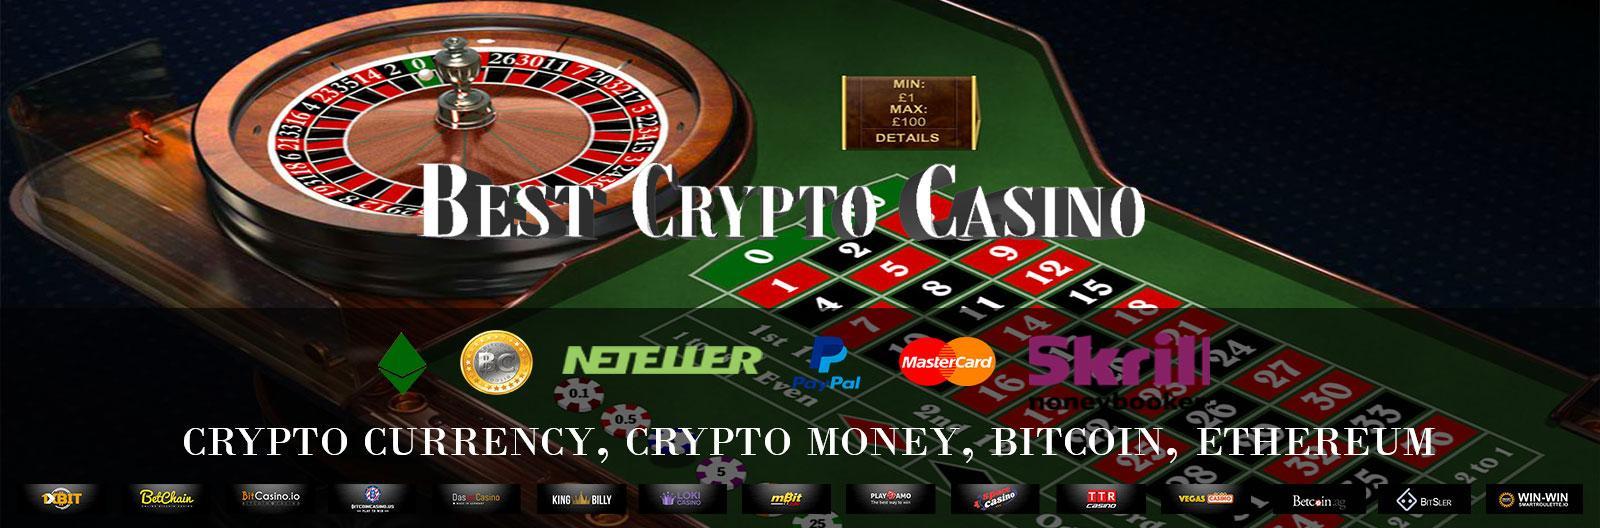 Bitcoin คาสิโนออนไลน์ bc